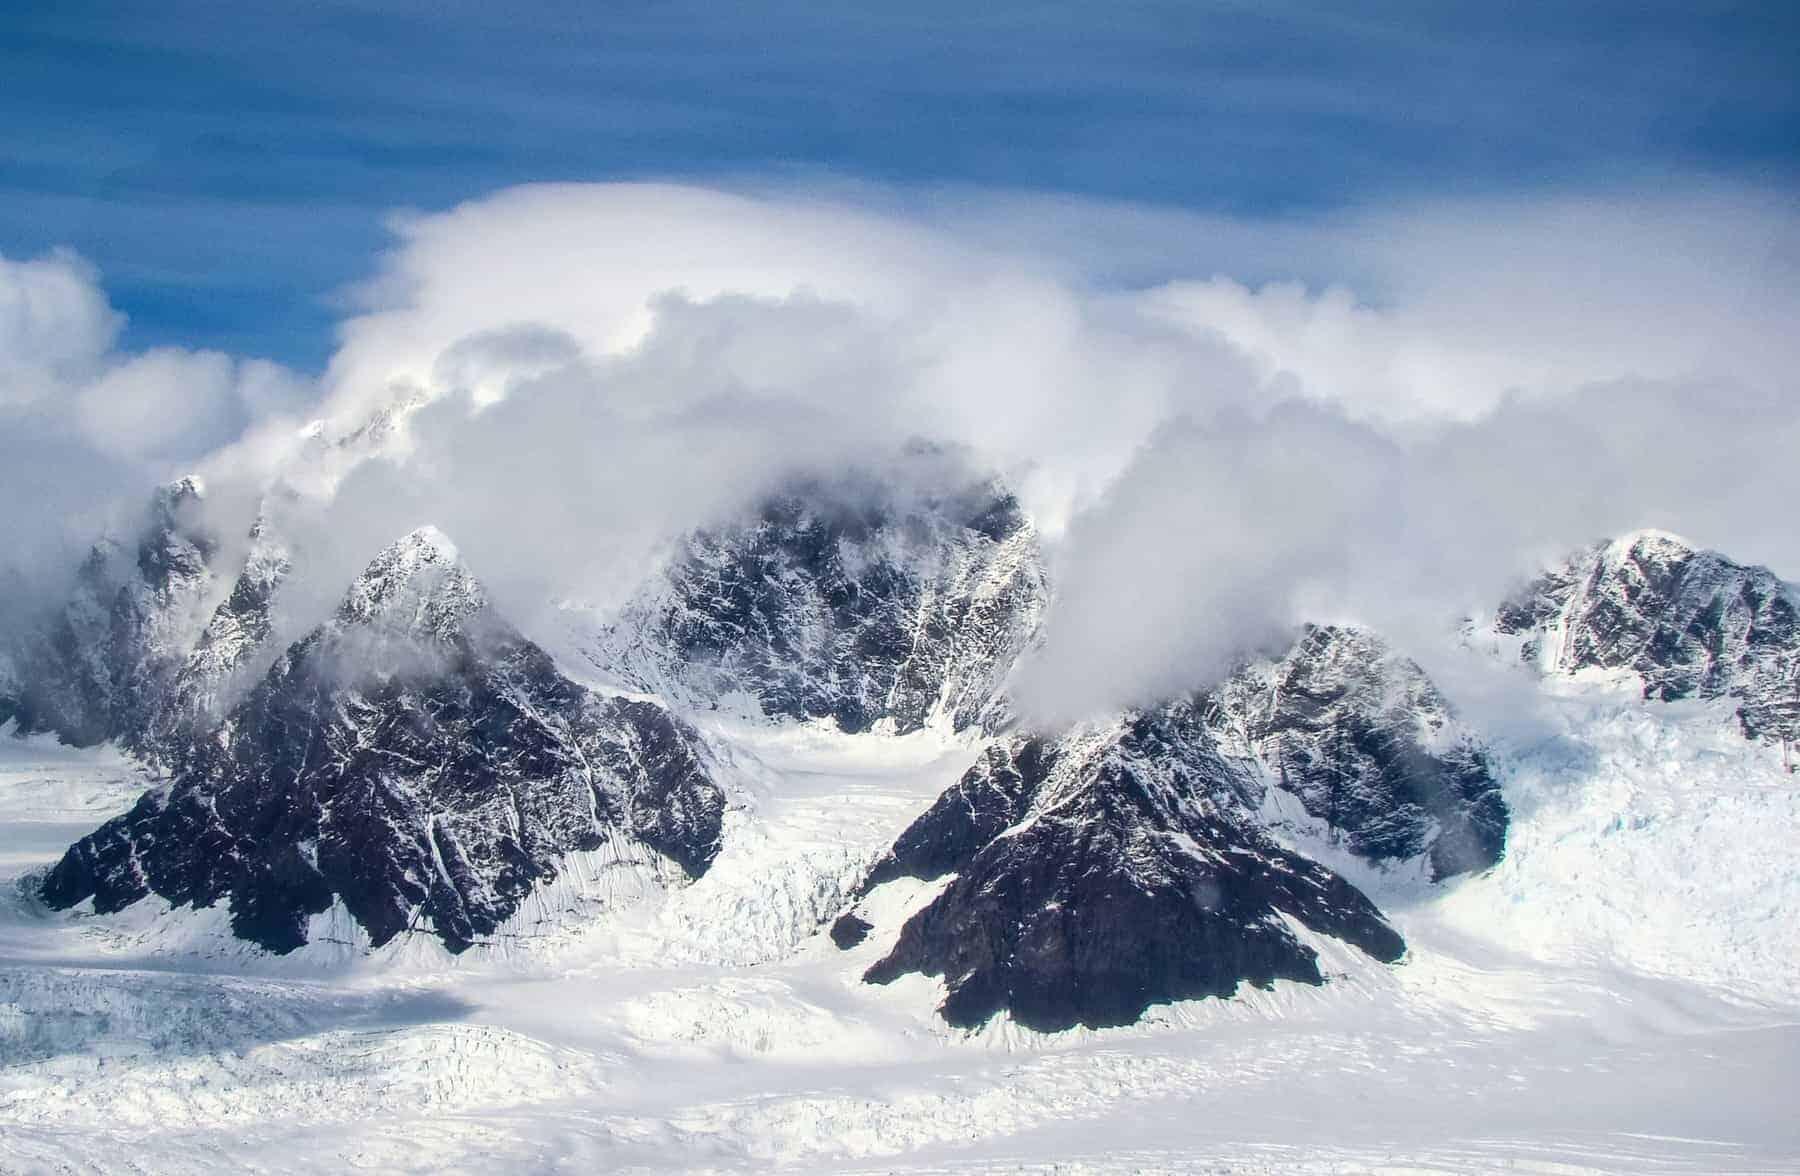 K2 in Pakistan, tallest peak in the world